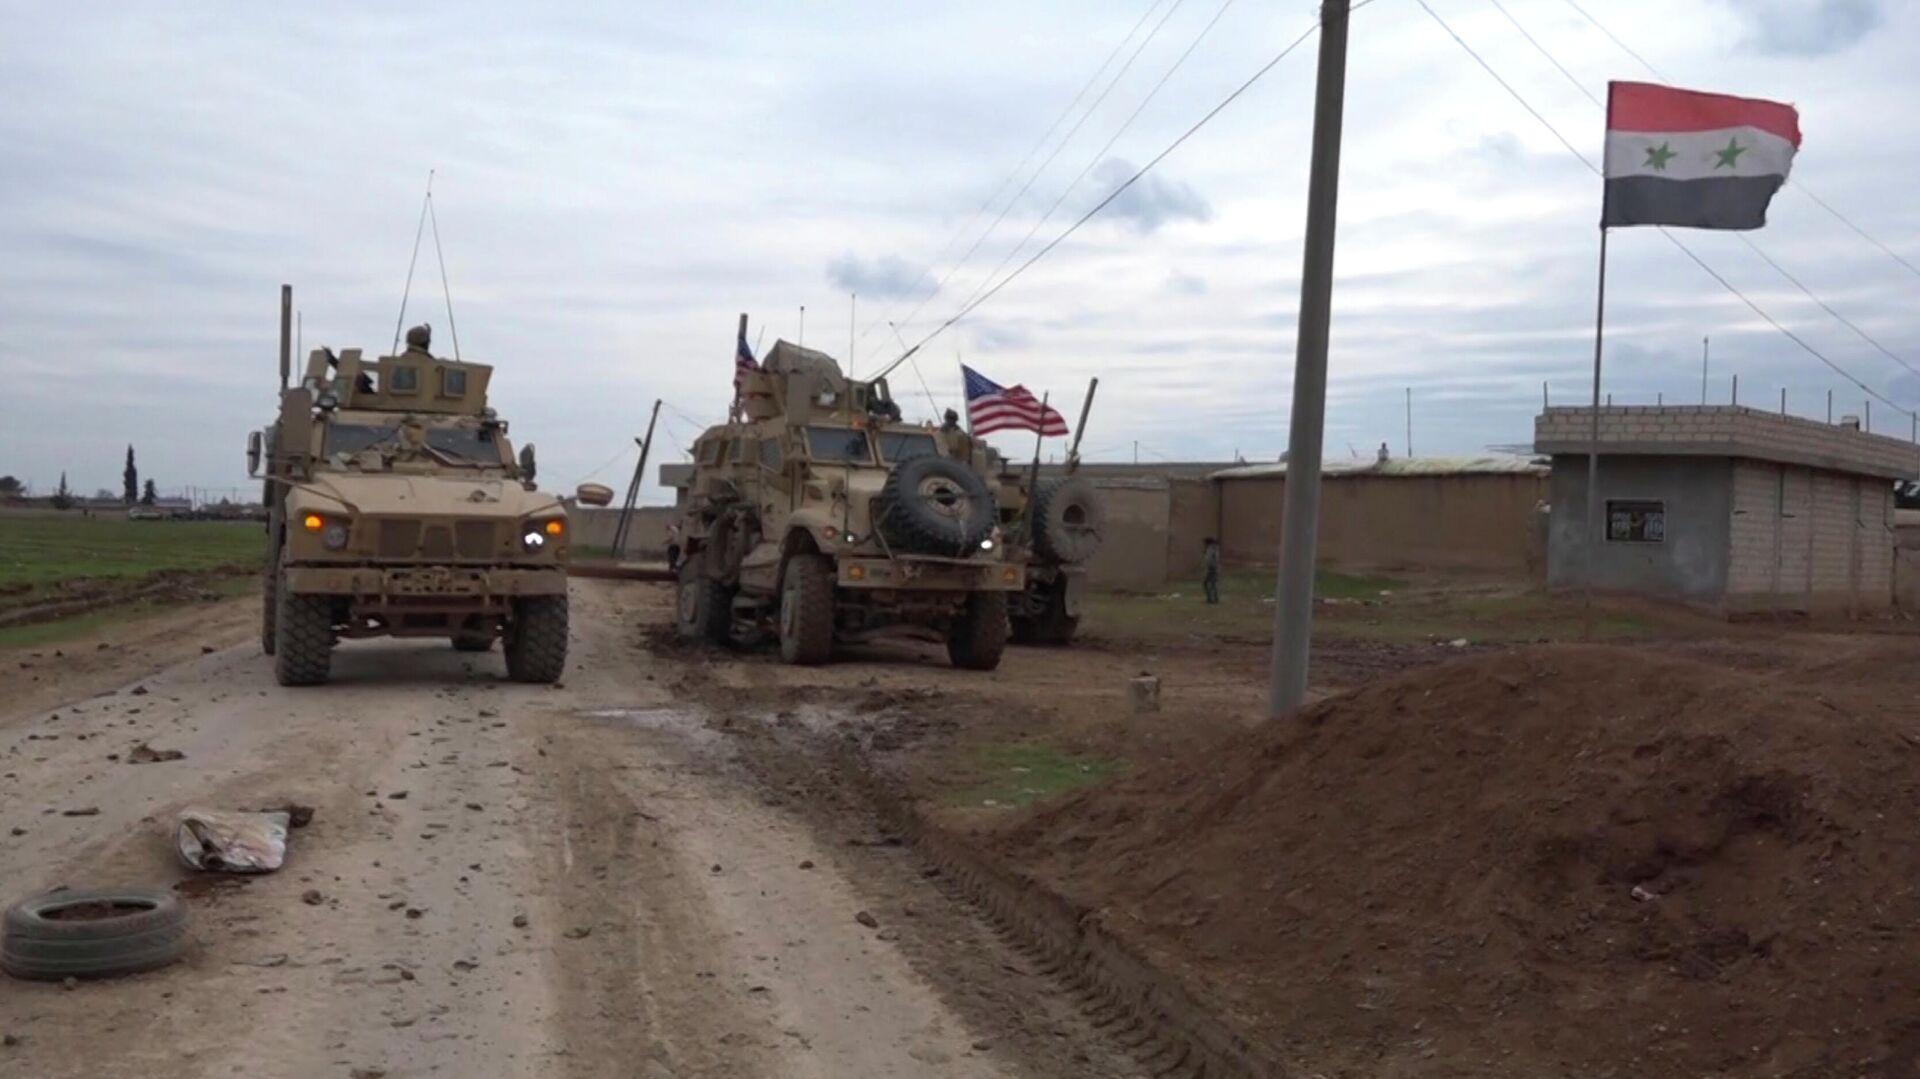 Военный конвой США в районе города Эль-Камышлы в Сирии - РИА Новости, 1920, 06.05.2021